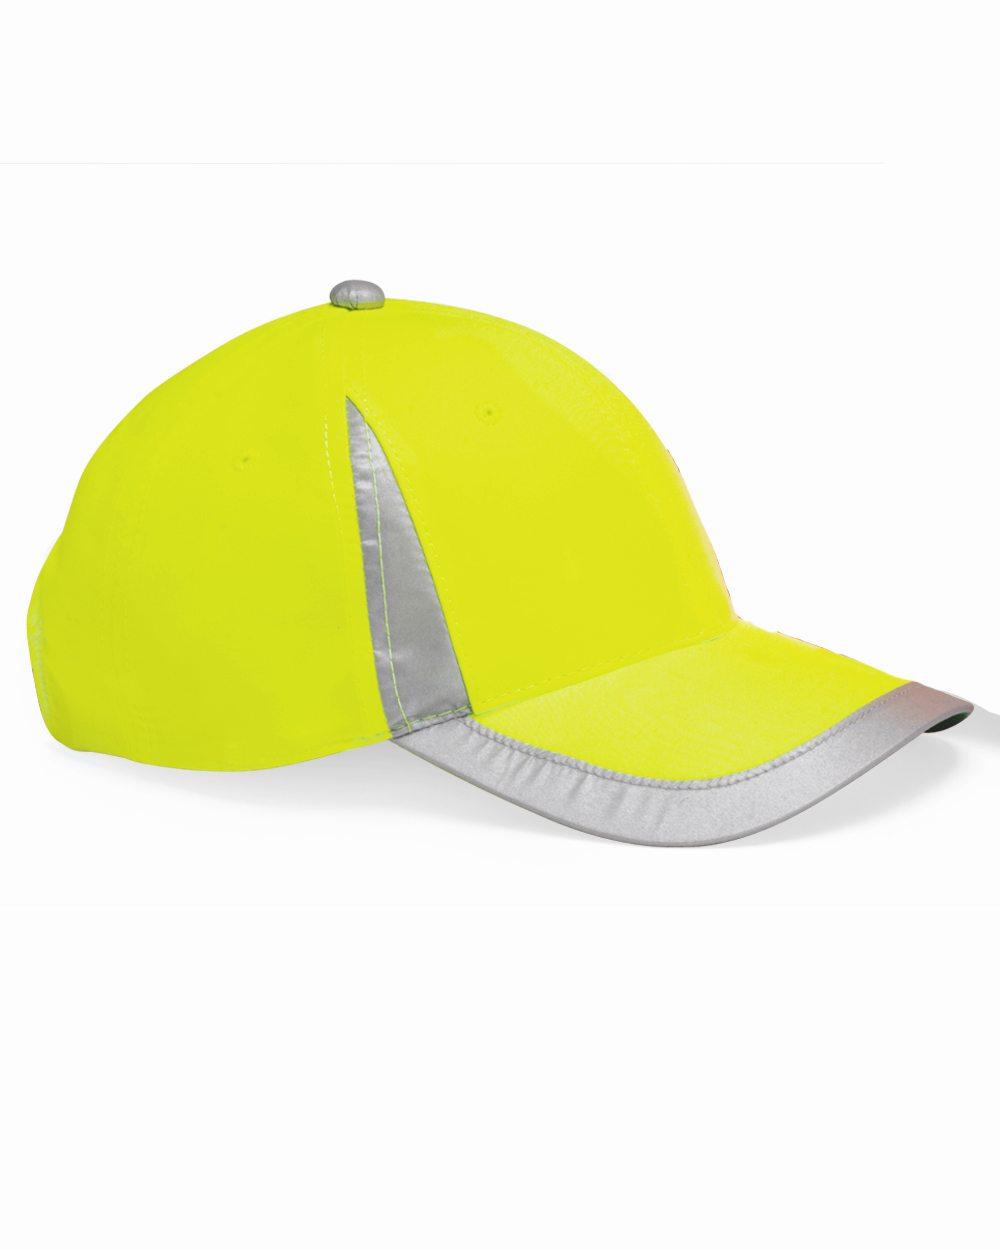 Outdoor Cap SAF100 Safety V Crown Cap